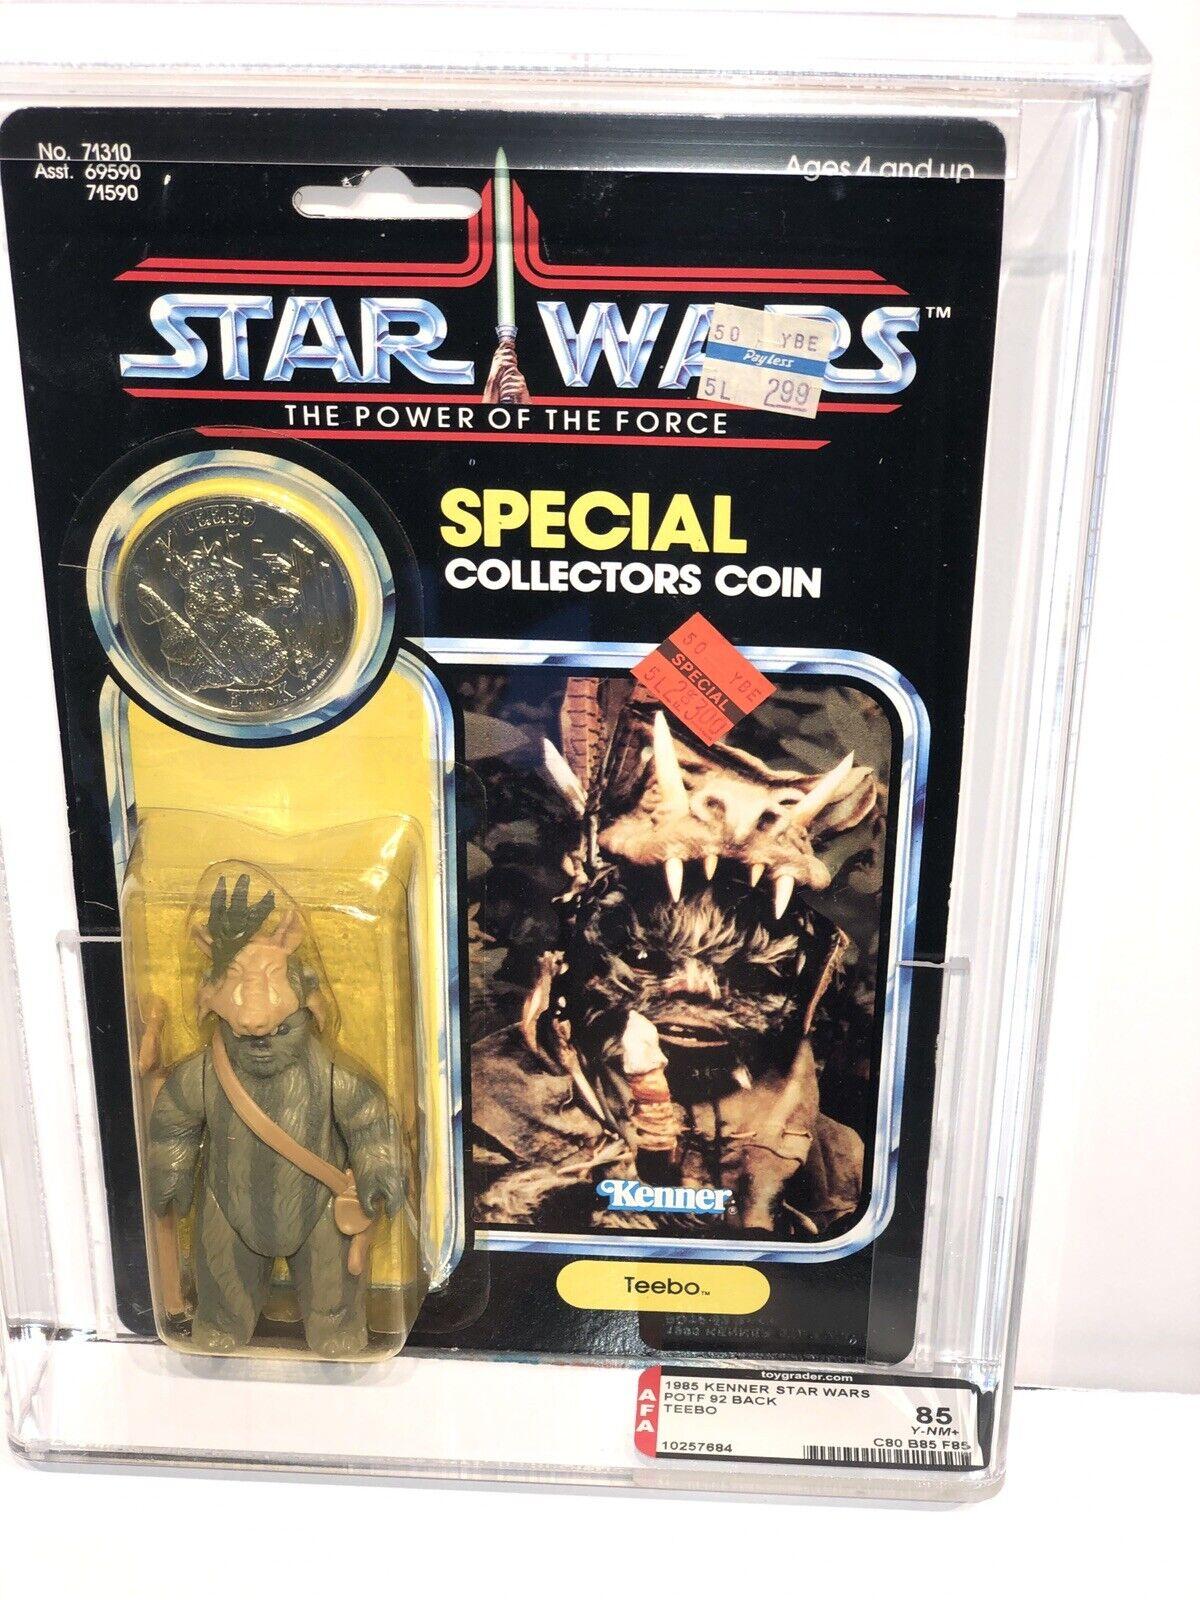 AFA 85 Kenner 1985 Star Wars Ewok Teebo 80-85-85 POTF 92-back Unpunched Y-NM+